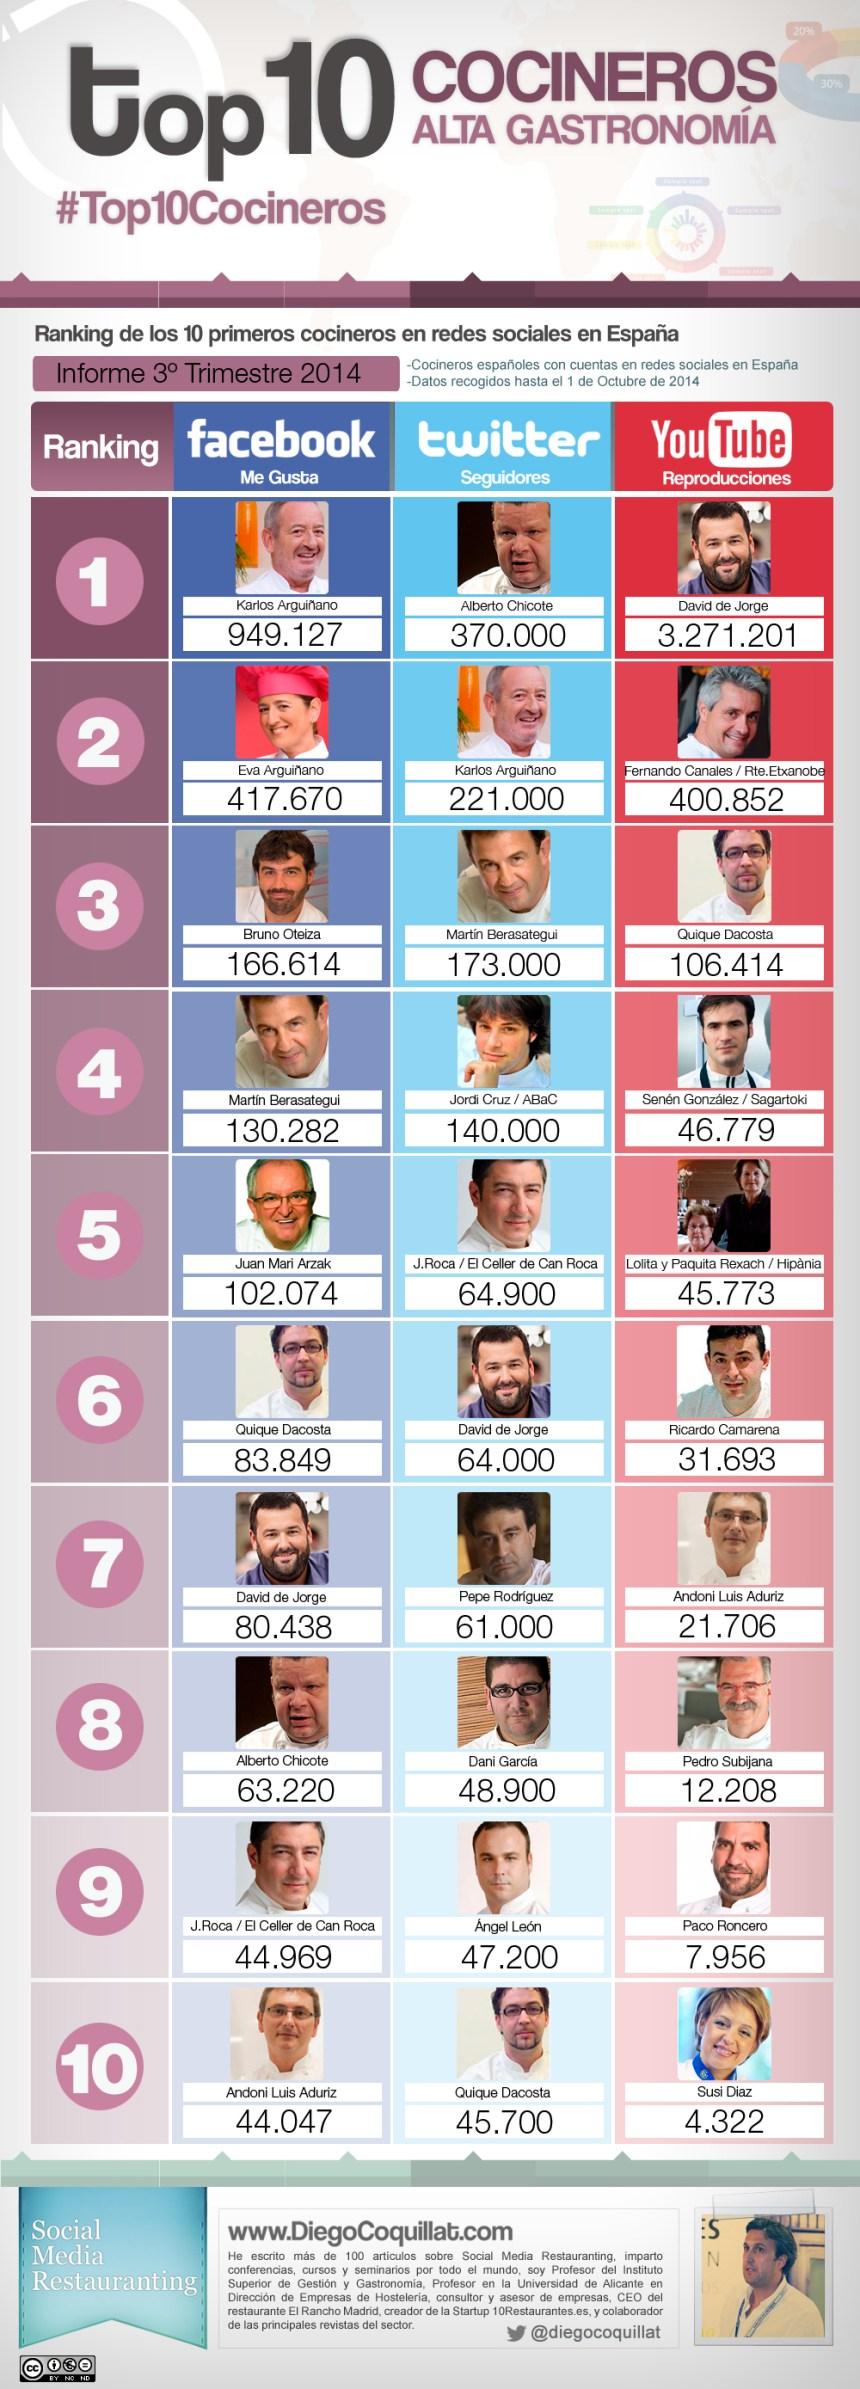 Top 10 cocineros en Redes Sociales (España 3T/2014)